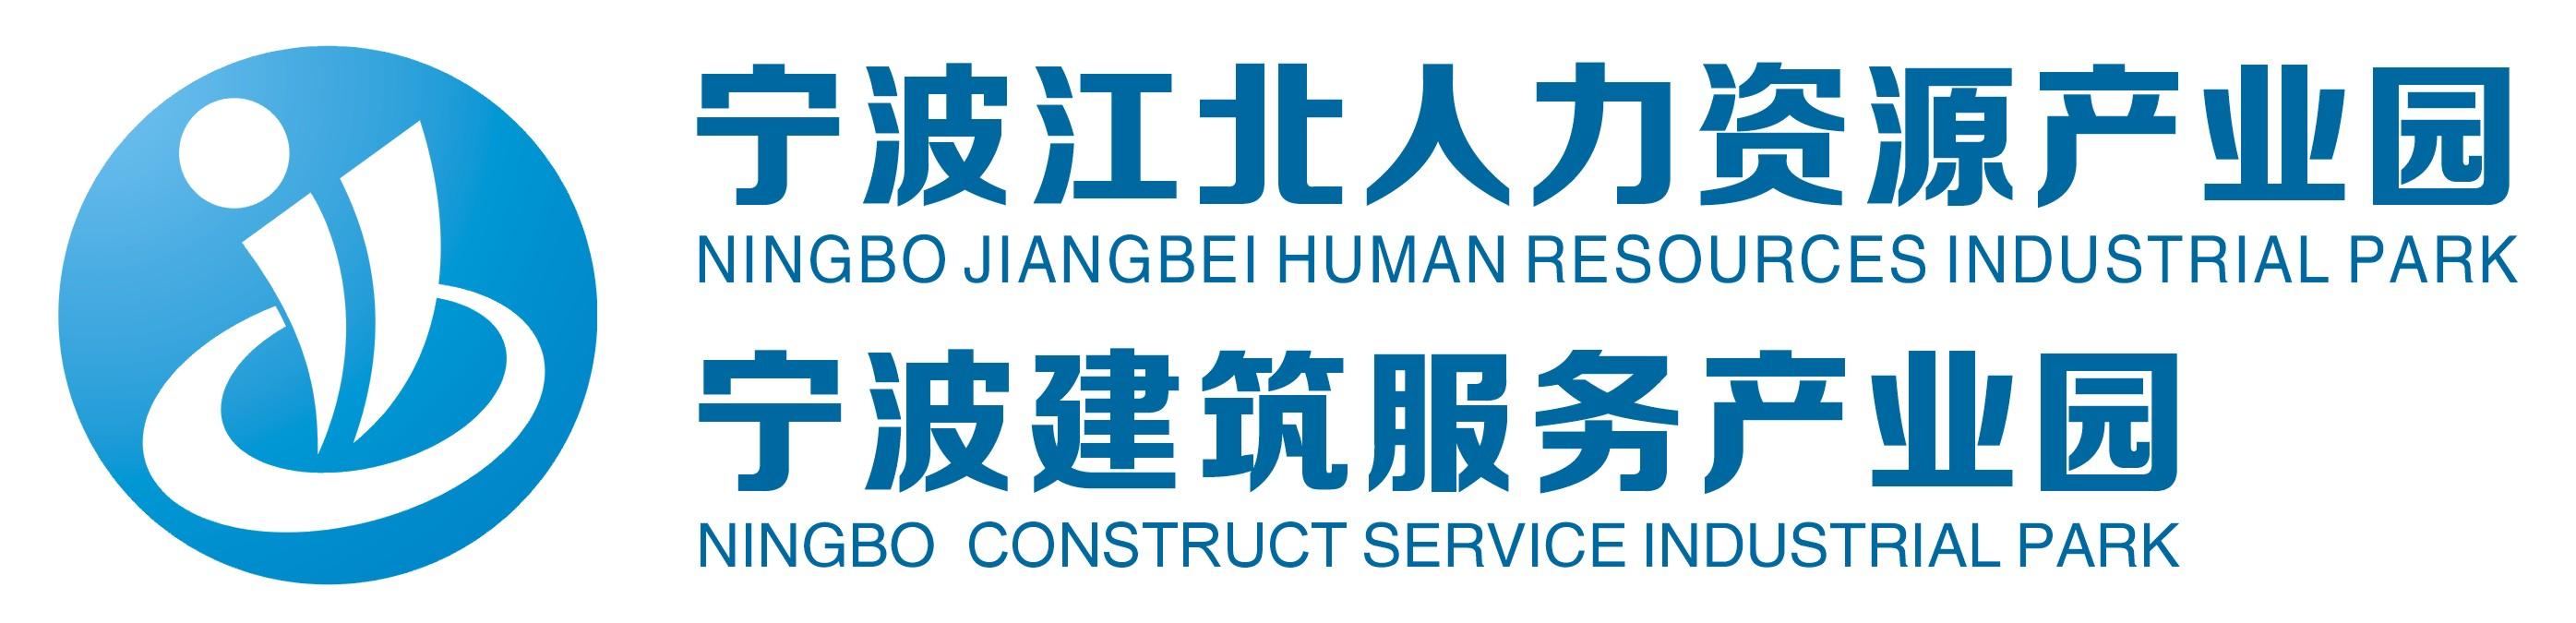 寧波建睿人力資源管理有限公司